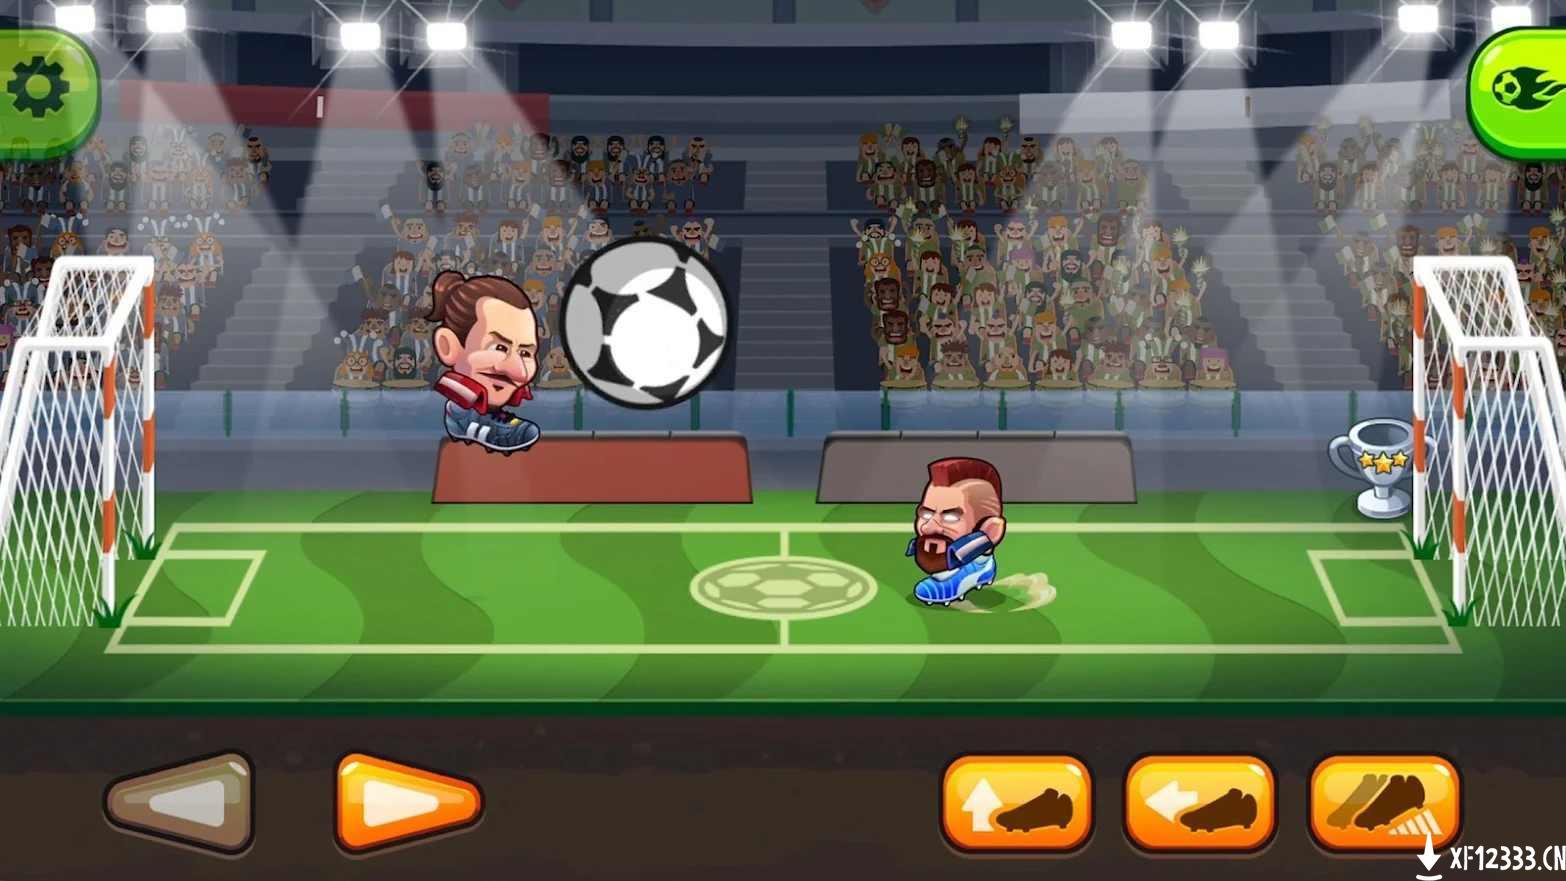 撞头足球2手游下载_撞头足球2手游最新版免费下载